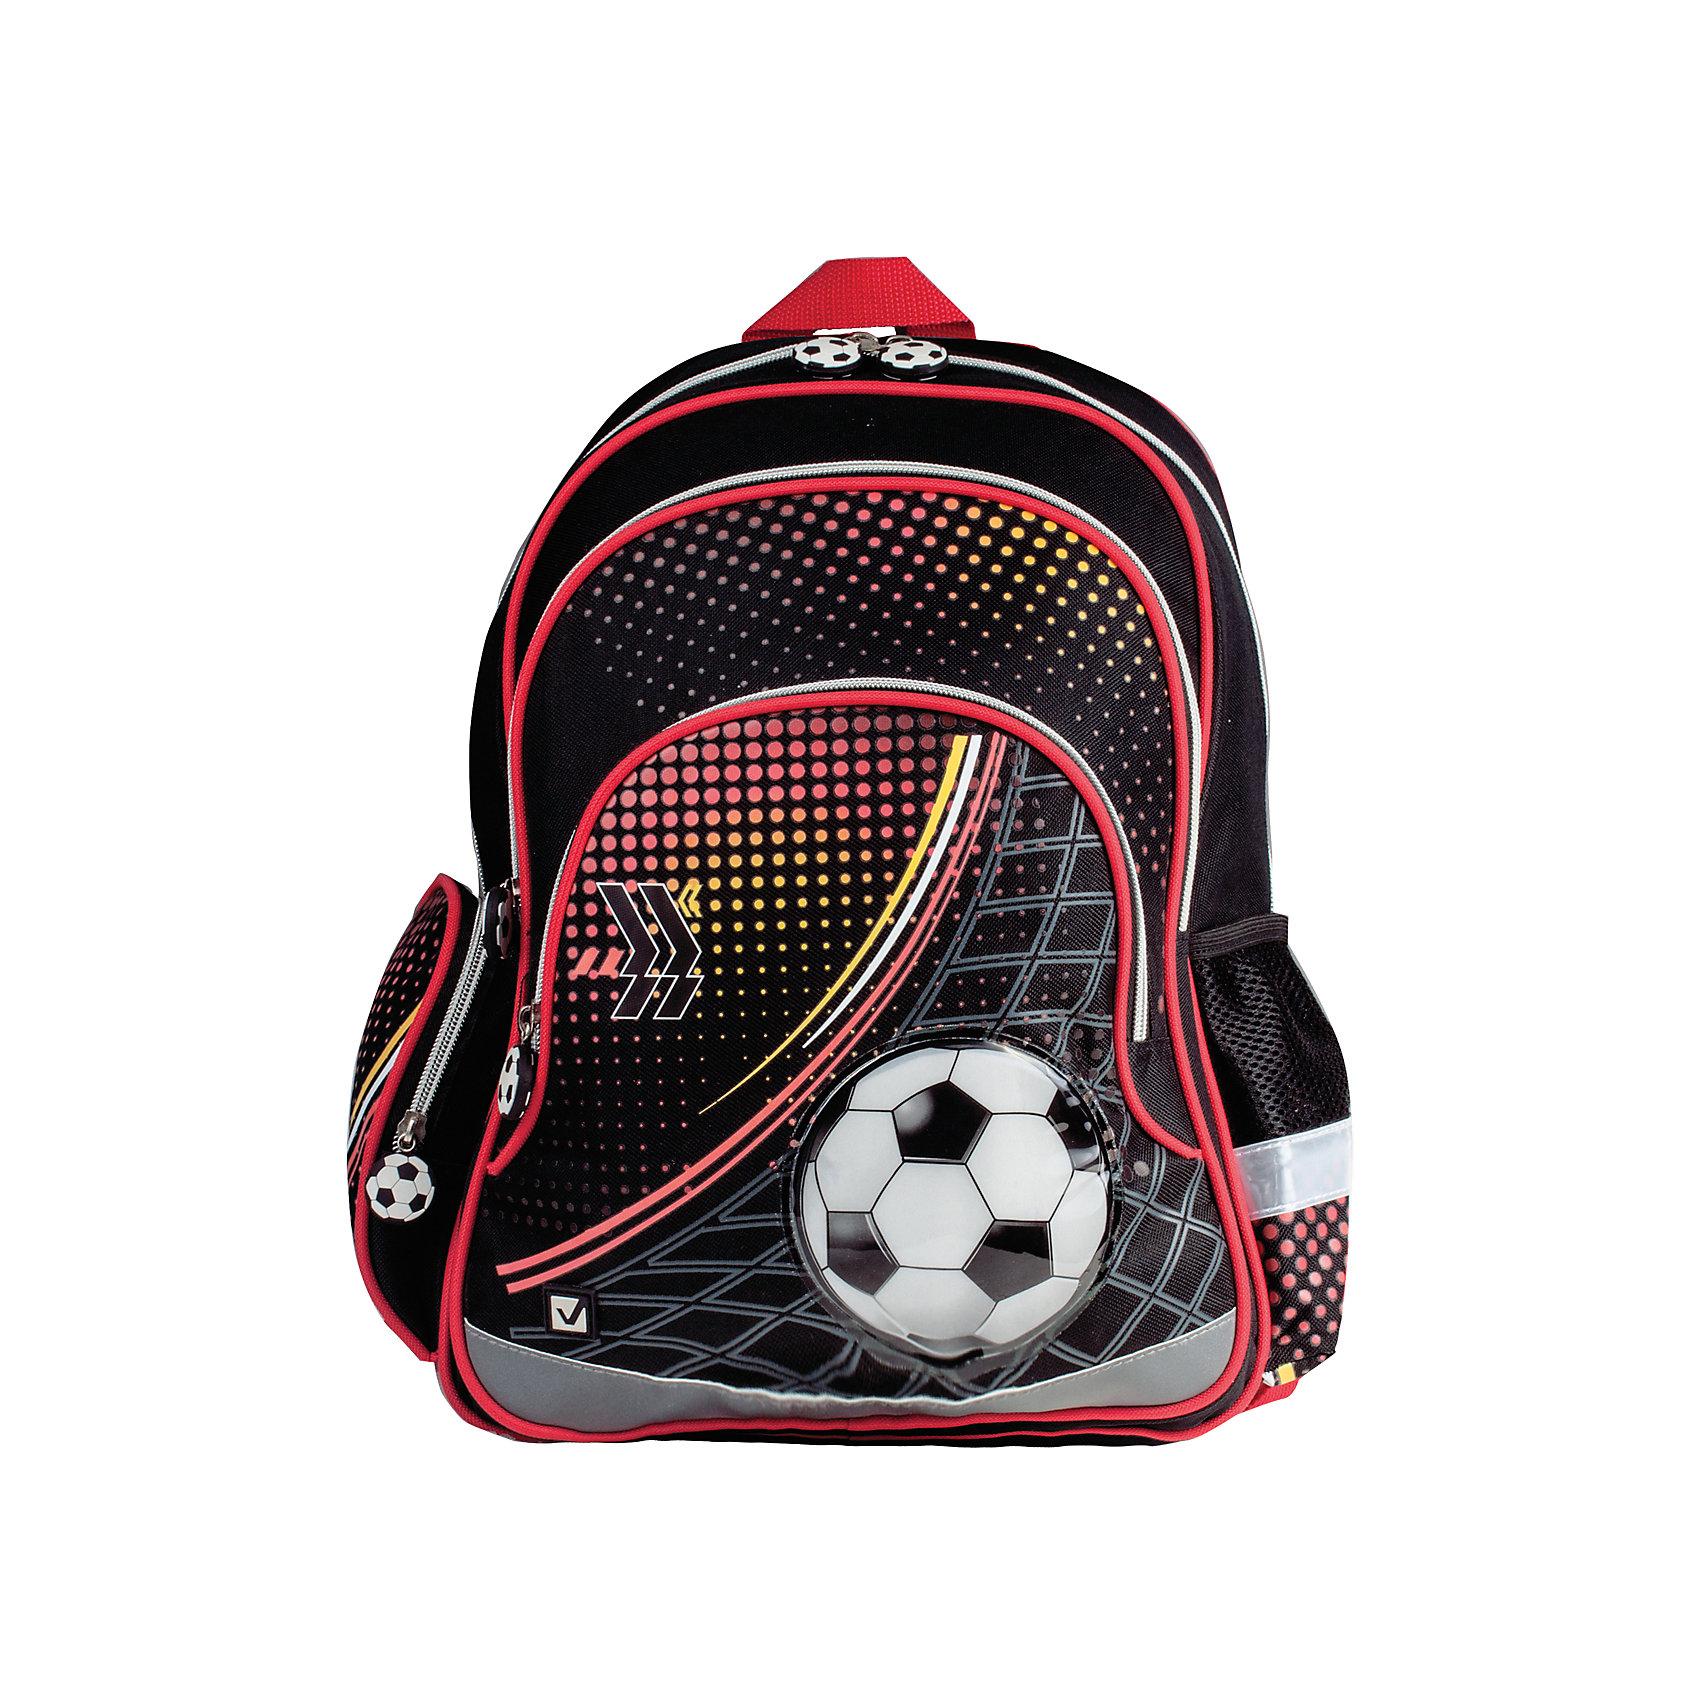 Рюкзак ФутболРюкзак Футбол предназначен для мальчиков 7-10 лет. Он выполнен в черно-красных тонах и украшен изображением футбольного мяча. Такой дизайн, несомненно, заинтересует юных футболистов.<br><br>Ширина мм: 3<br>Глубина мм: 29<br>Высота мм: 39<br>Вес г: 682<br>Возраст от месяцев: 72<br>Возраст до месяцев: 144<br>Пол: Мужской<br>Возраст: Детский<br>SKU: 4874346